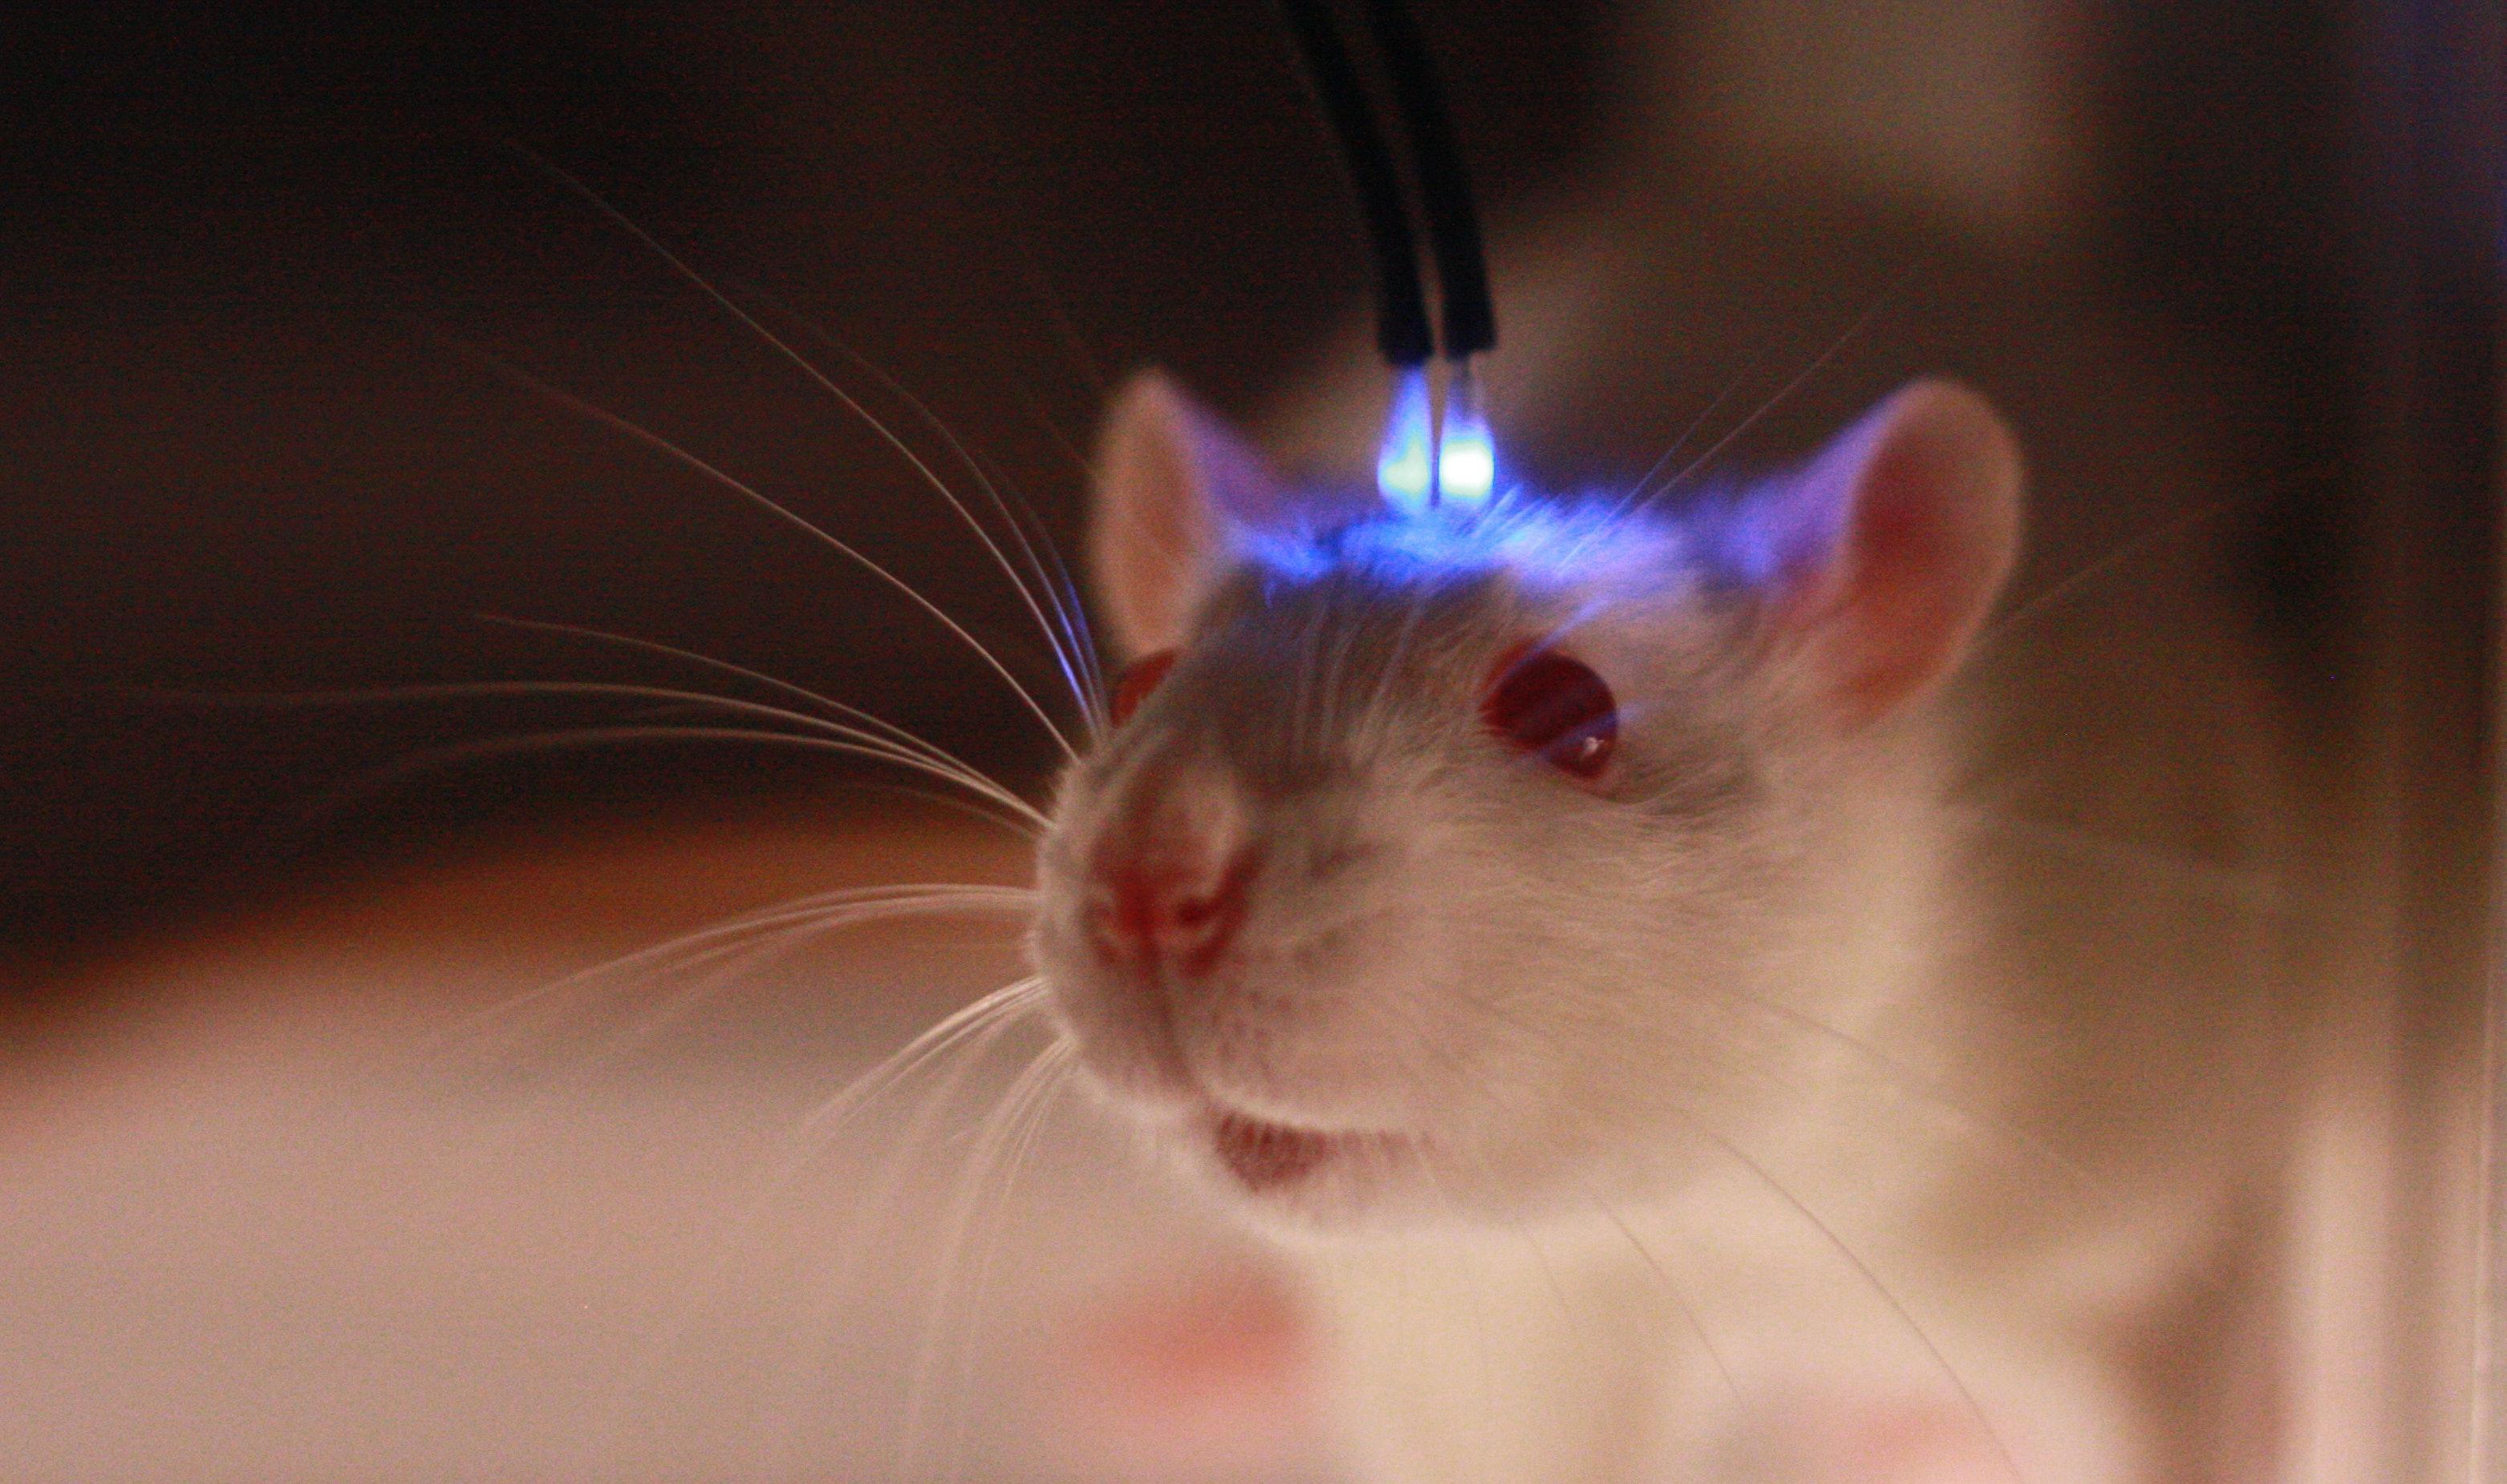 Свет сильнее алкоголя: как свет ослабляет память об испуге у «пьяных» и обычных мышей